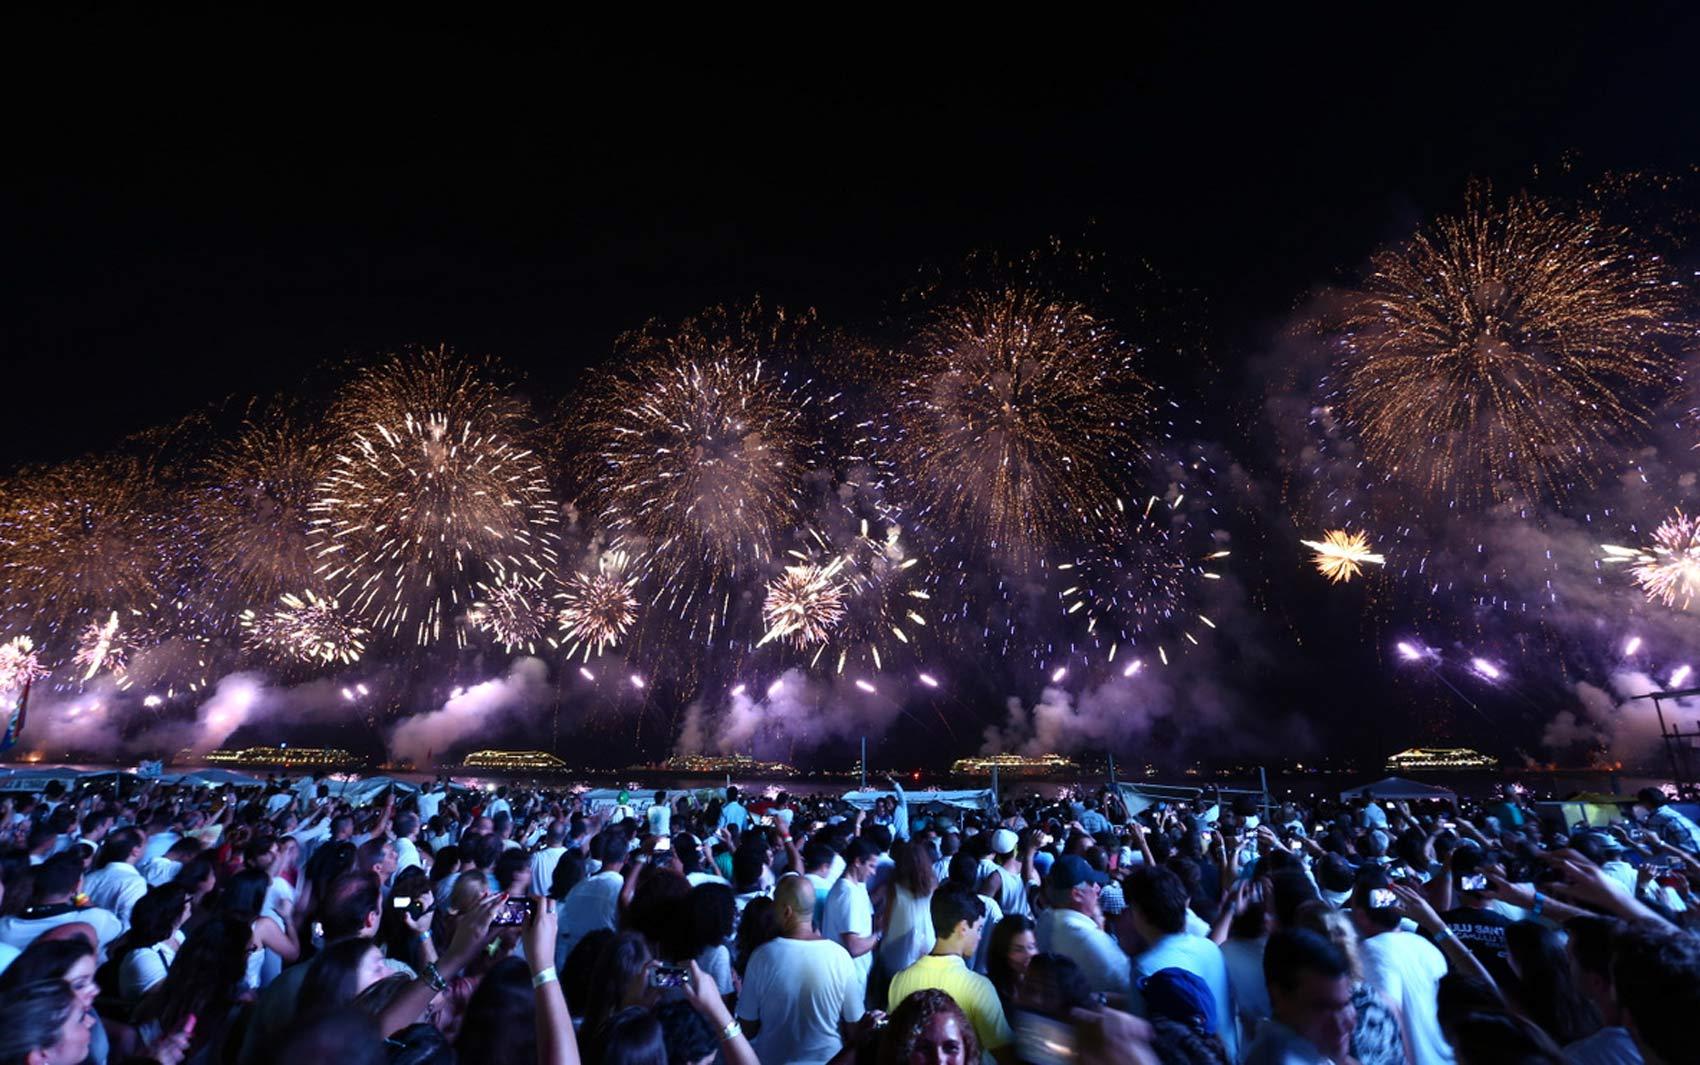 Queima de fogos em Copacabana durou 16 minutos